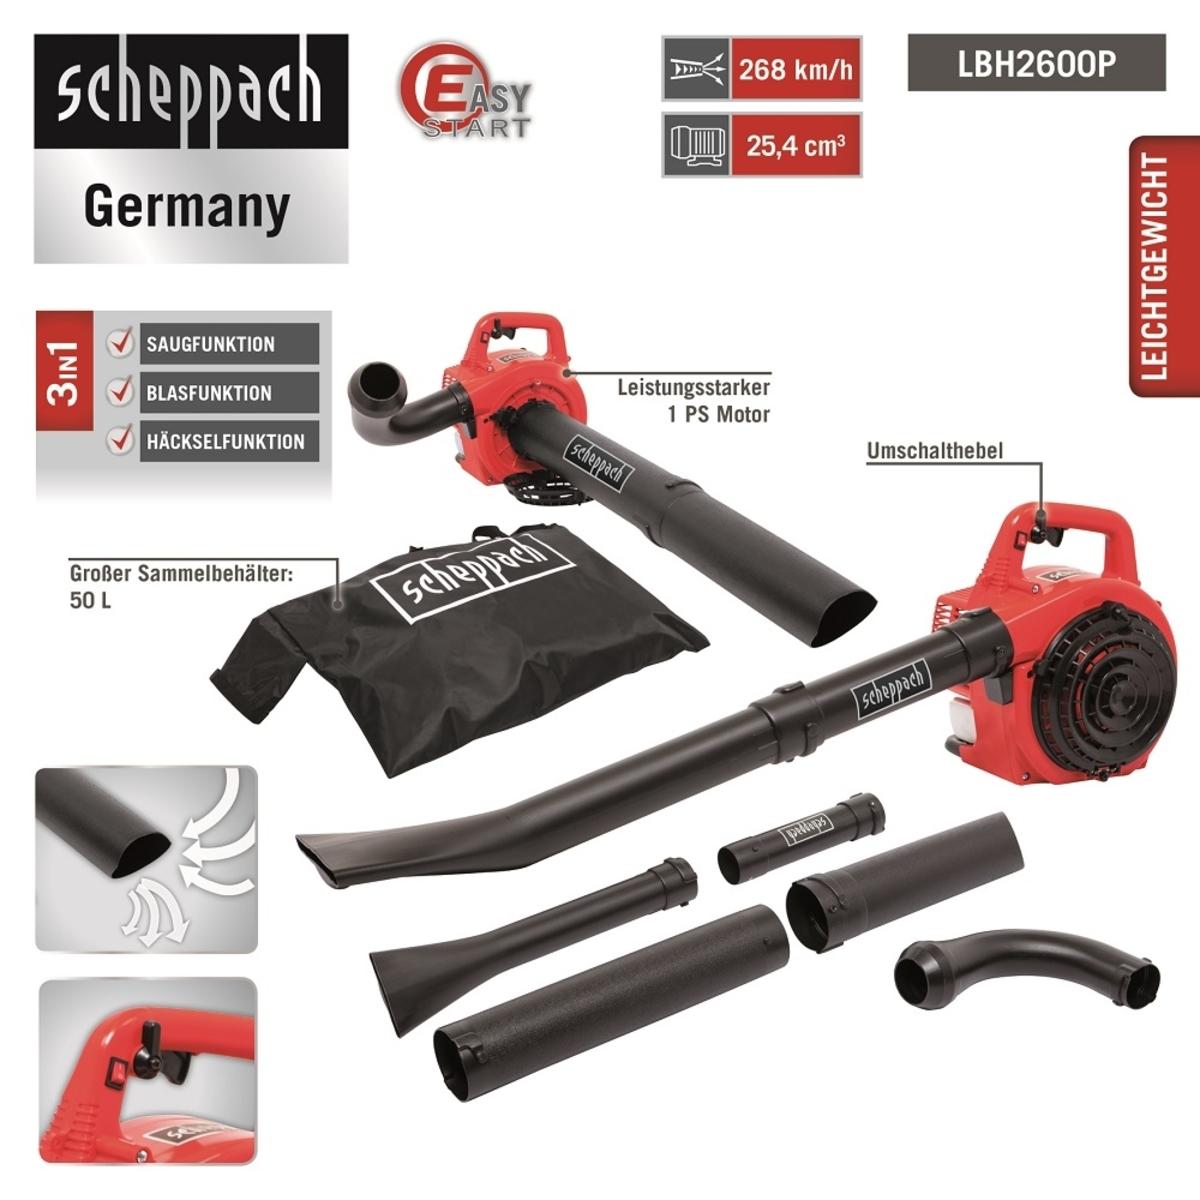 Bild 4 von Scheppach Benzin-Laubbläser LBH2600P